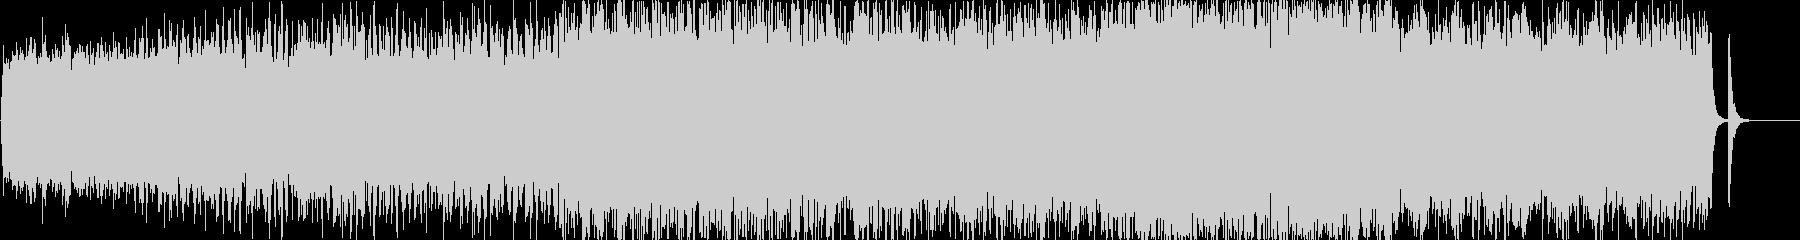 穏やかで軽快な3拍子のオケーストラ曲の未再生の波形